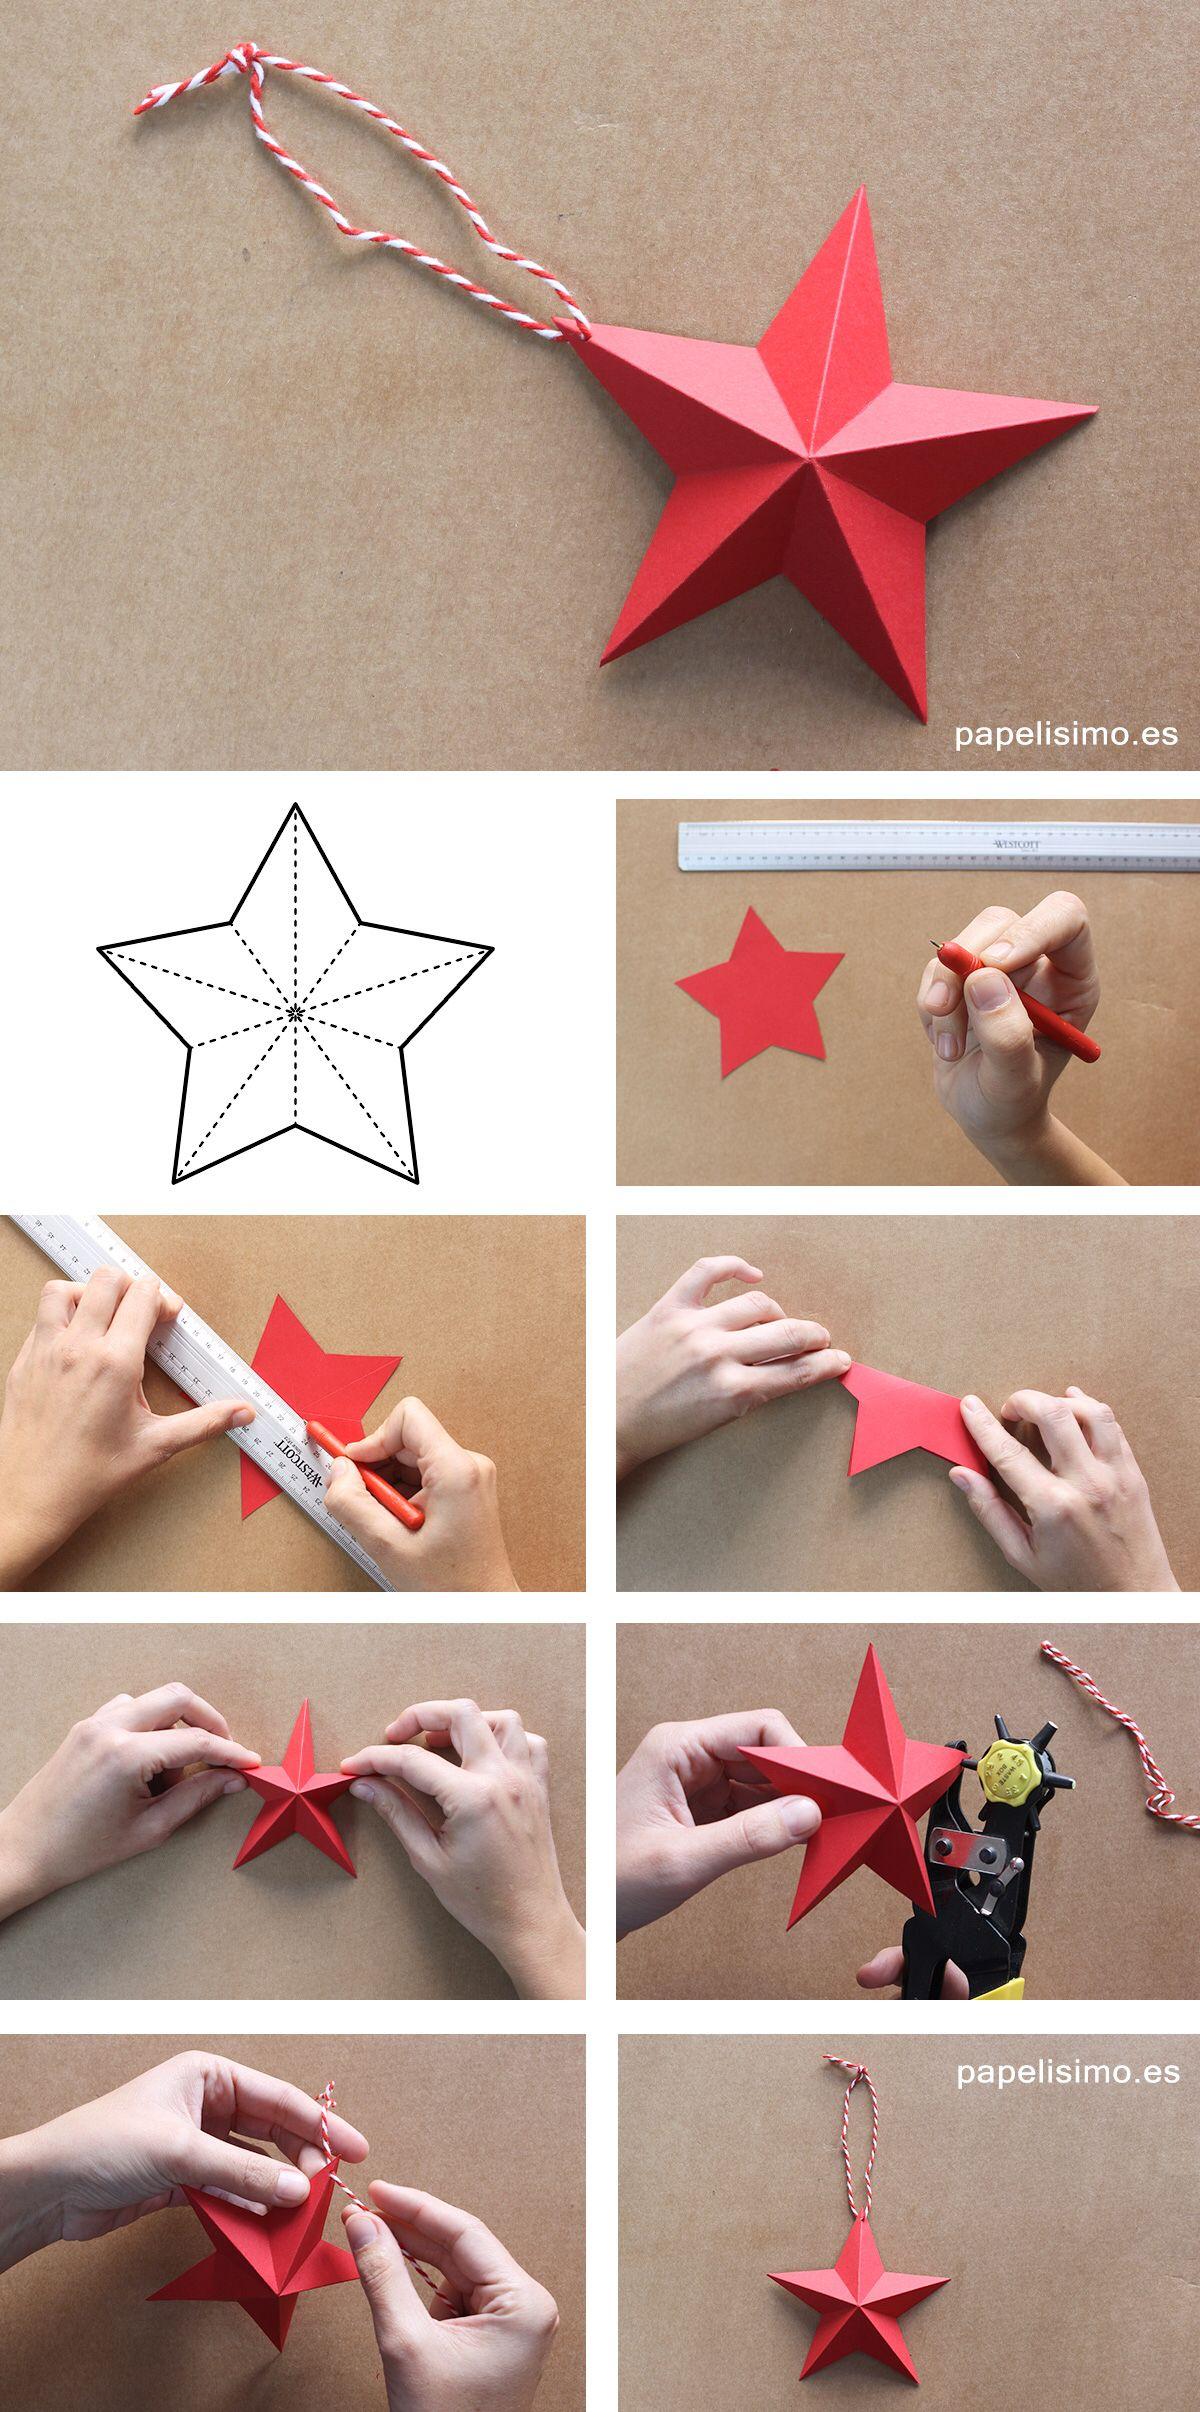 Como Hacer Estrellas De Cartulina O Papel Grueso Basteln Weihnachten Weihnachtsbasteln Weihnachtsstern Basteln